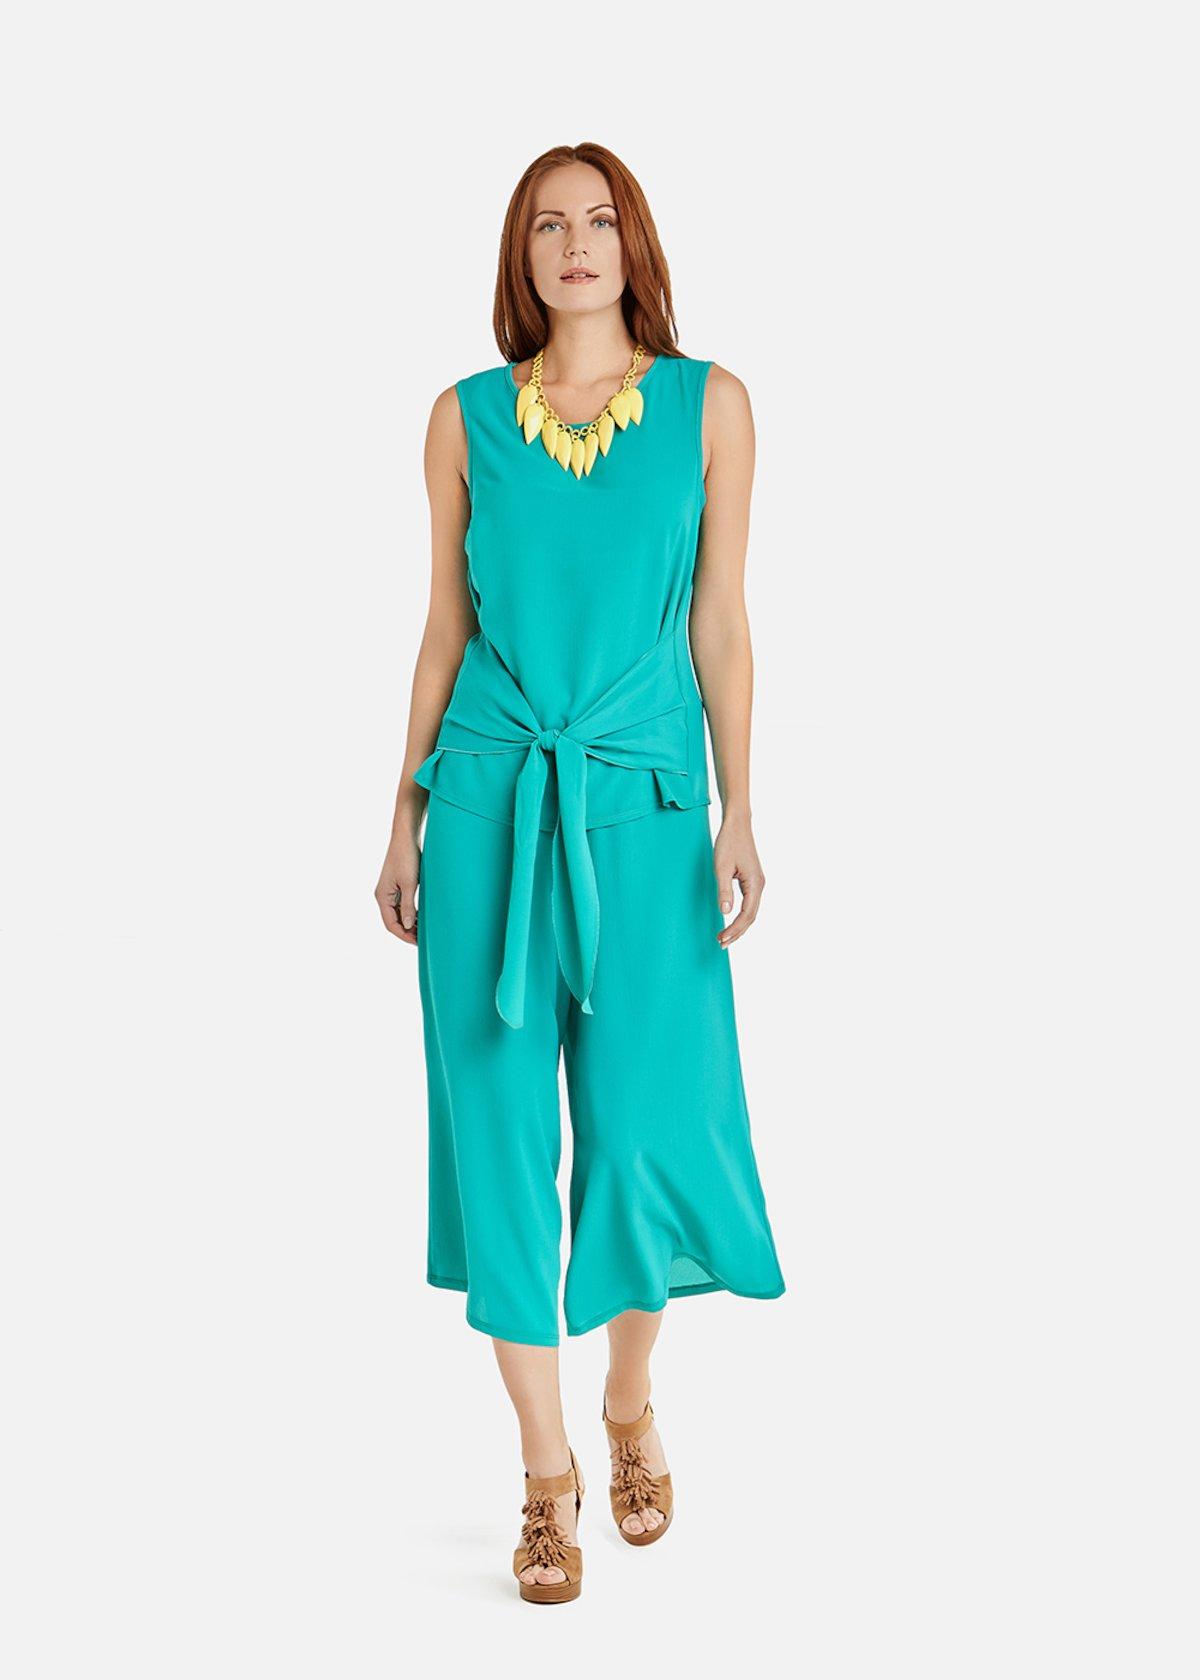 Pantaloni Patric a palazzo - Emerald